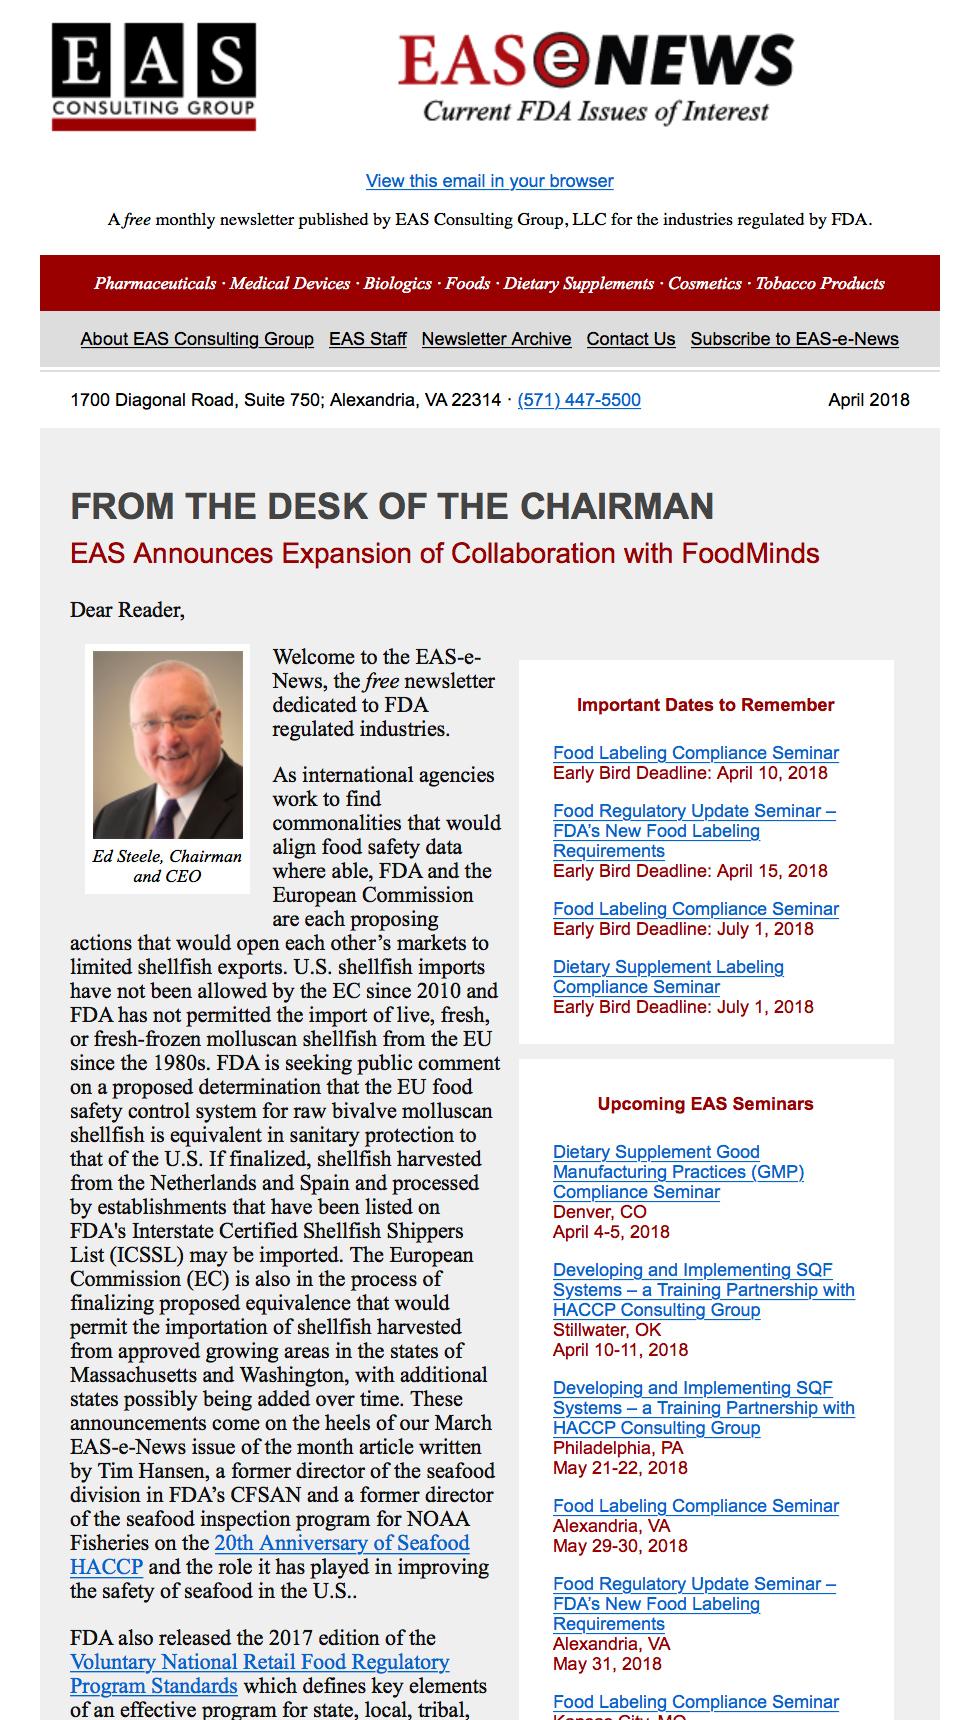 EAS-e-News April 2018